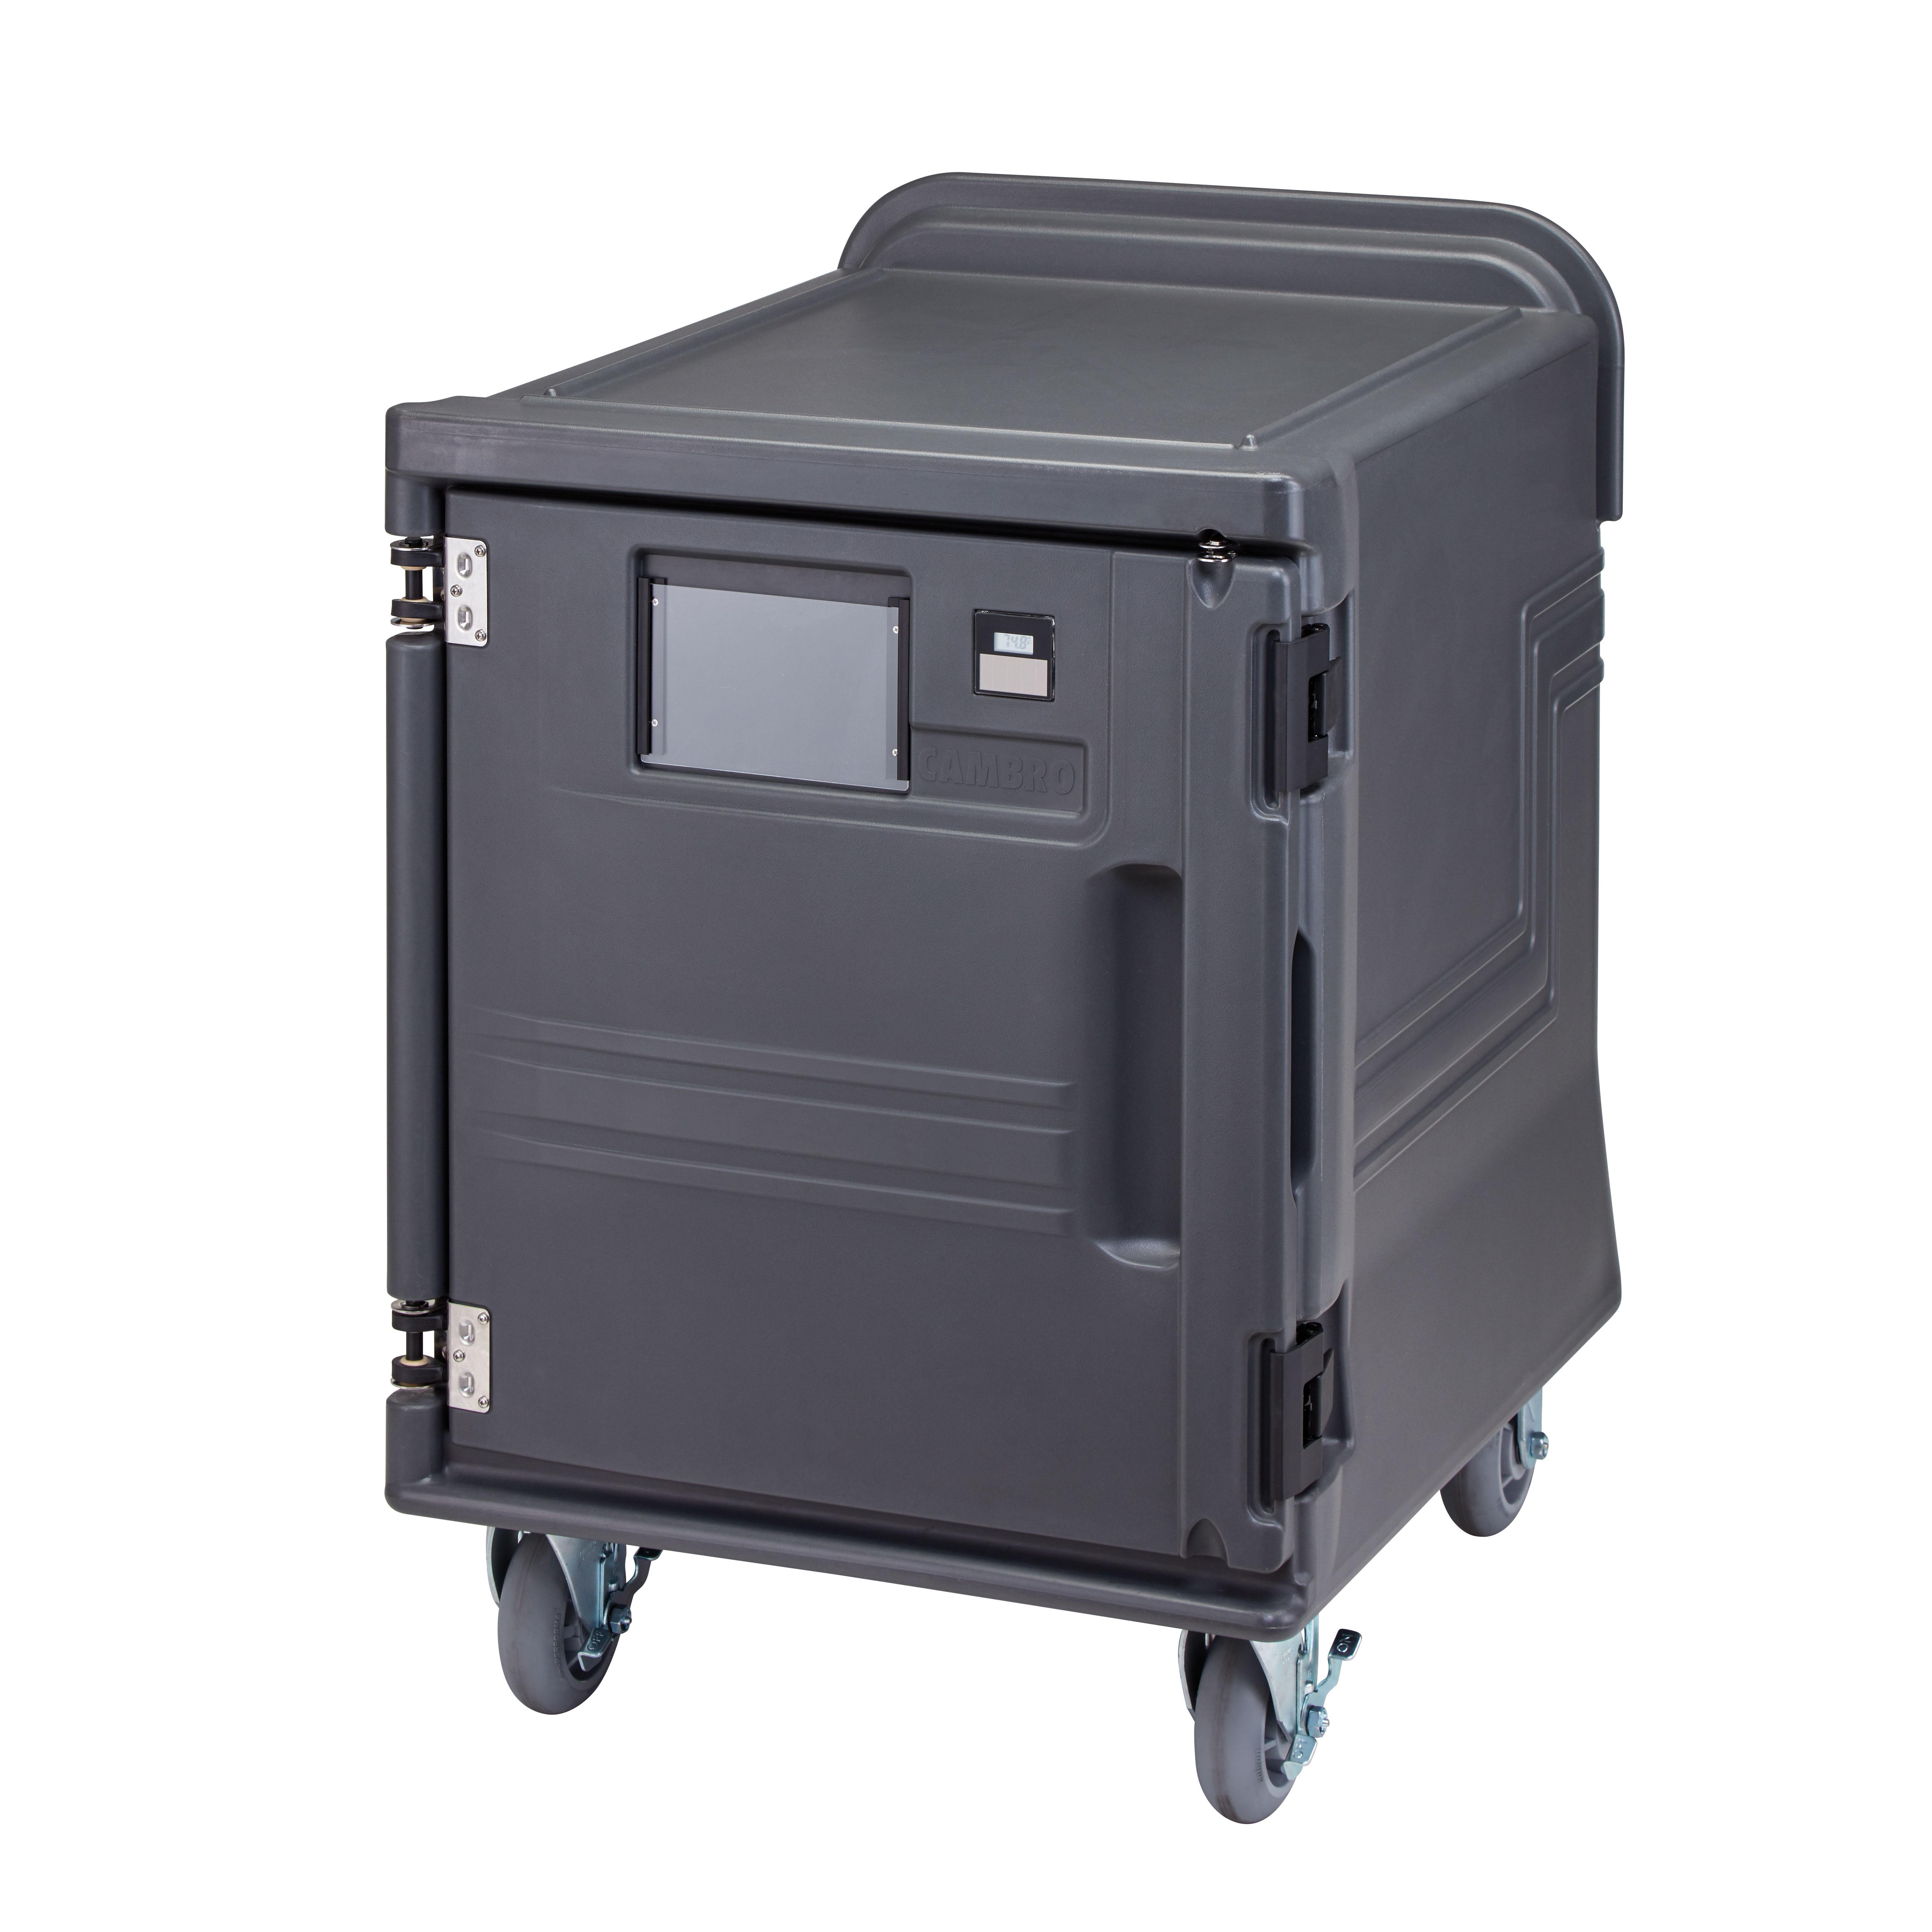 Cambro PCULPSP615 food serving trolleys-non power